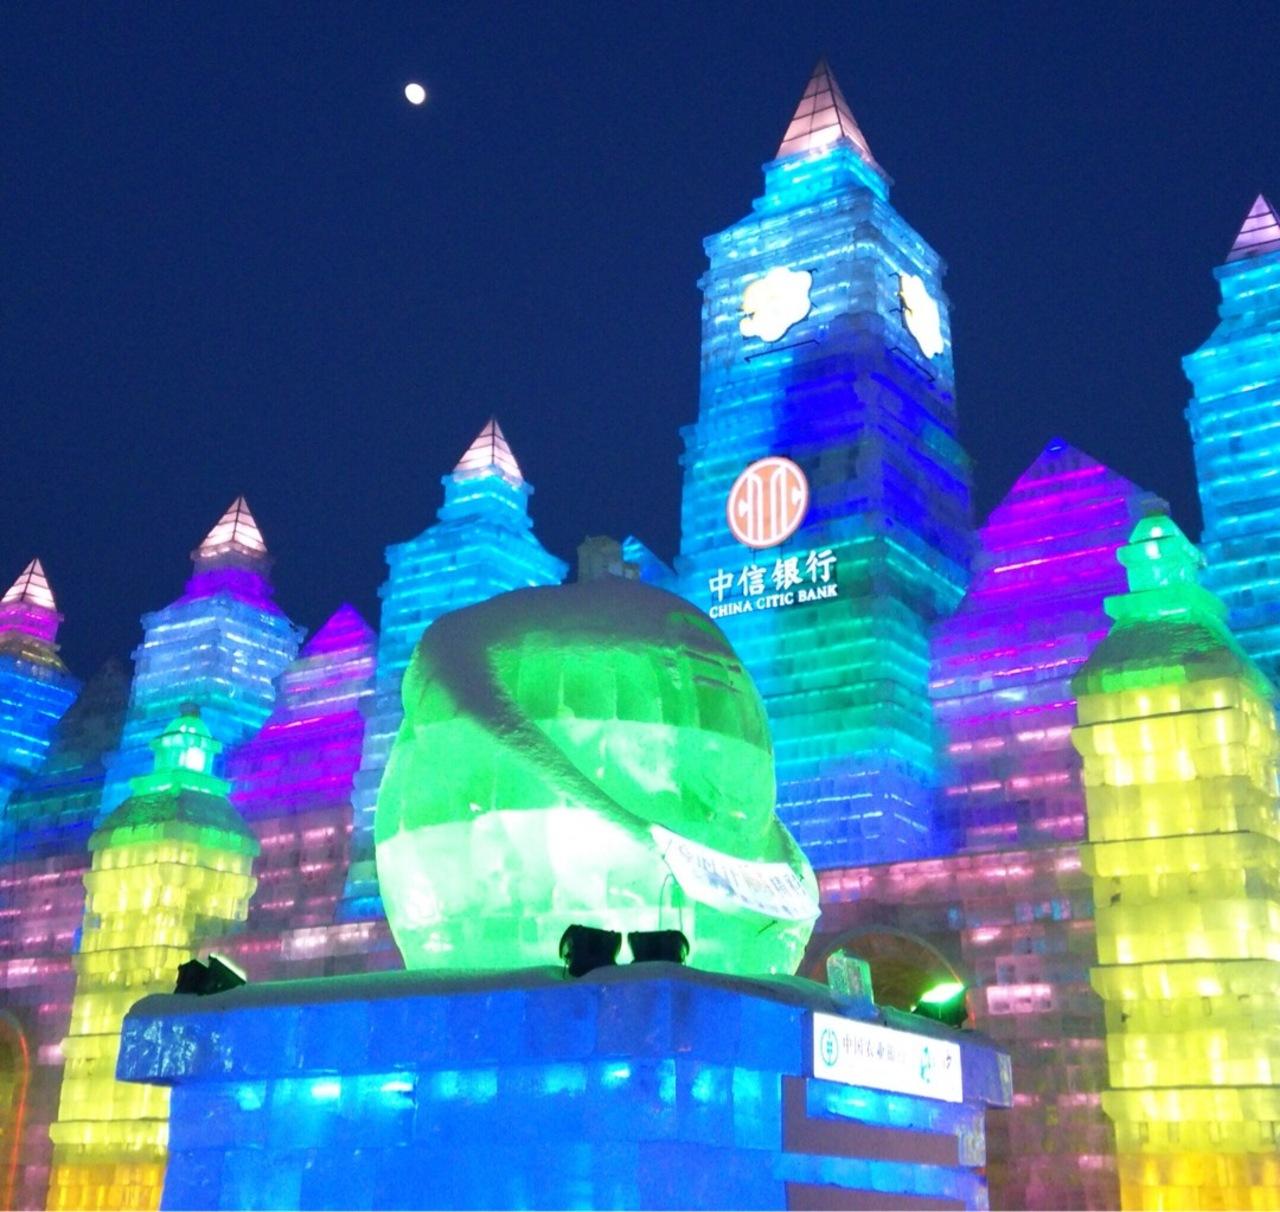 中国《黒竜江省哈爾濱市》世界三大氷祭り観光!』哈爾濱(中国)の旅行記 ...